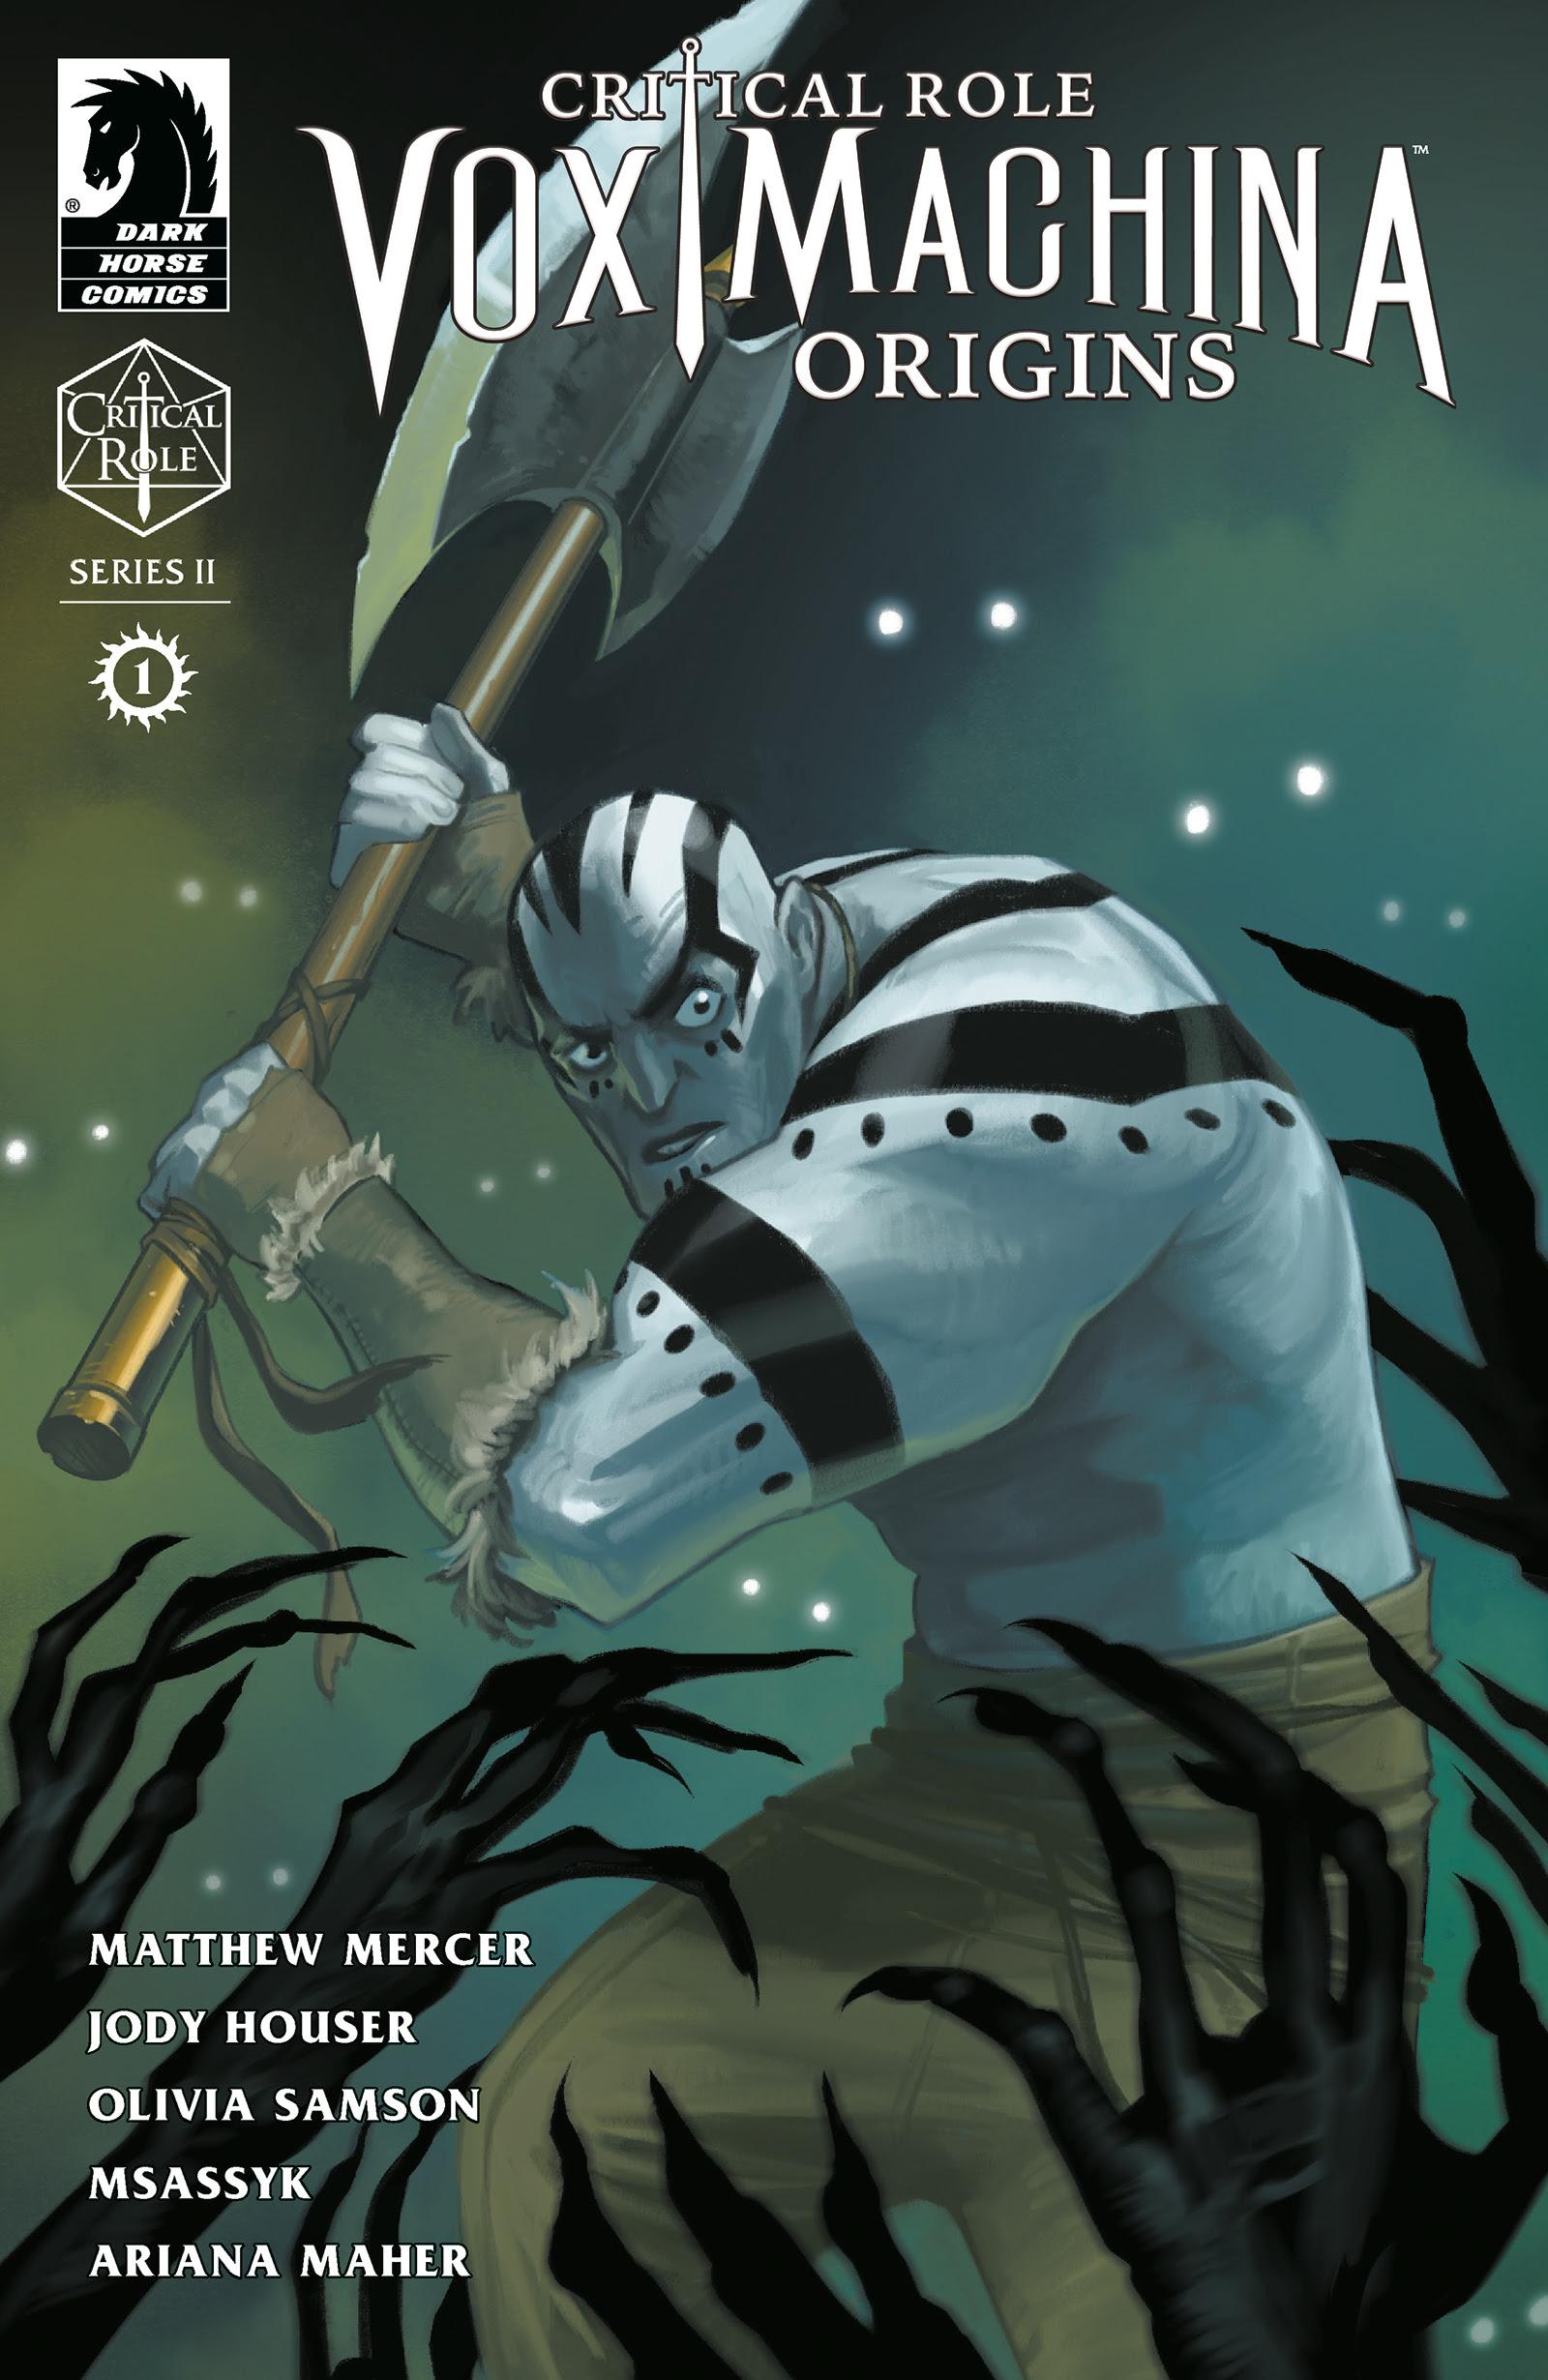 Critical Role: Vox Machine Origins Series II #1 cover